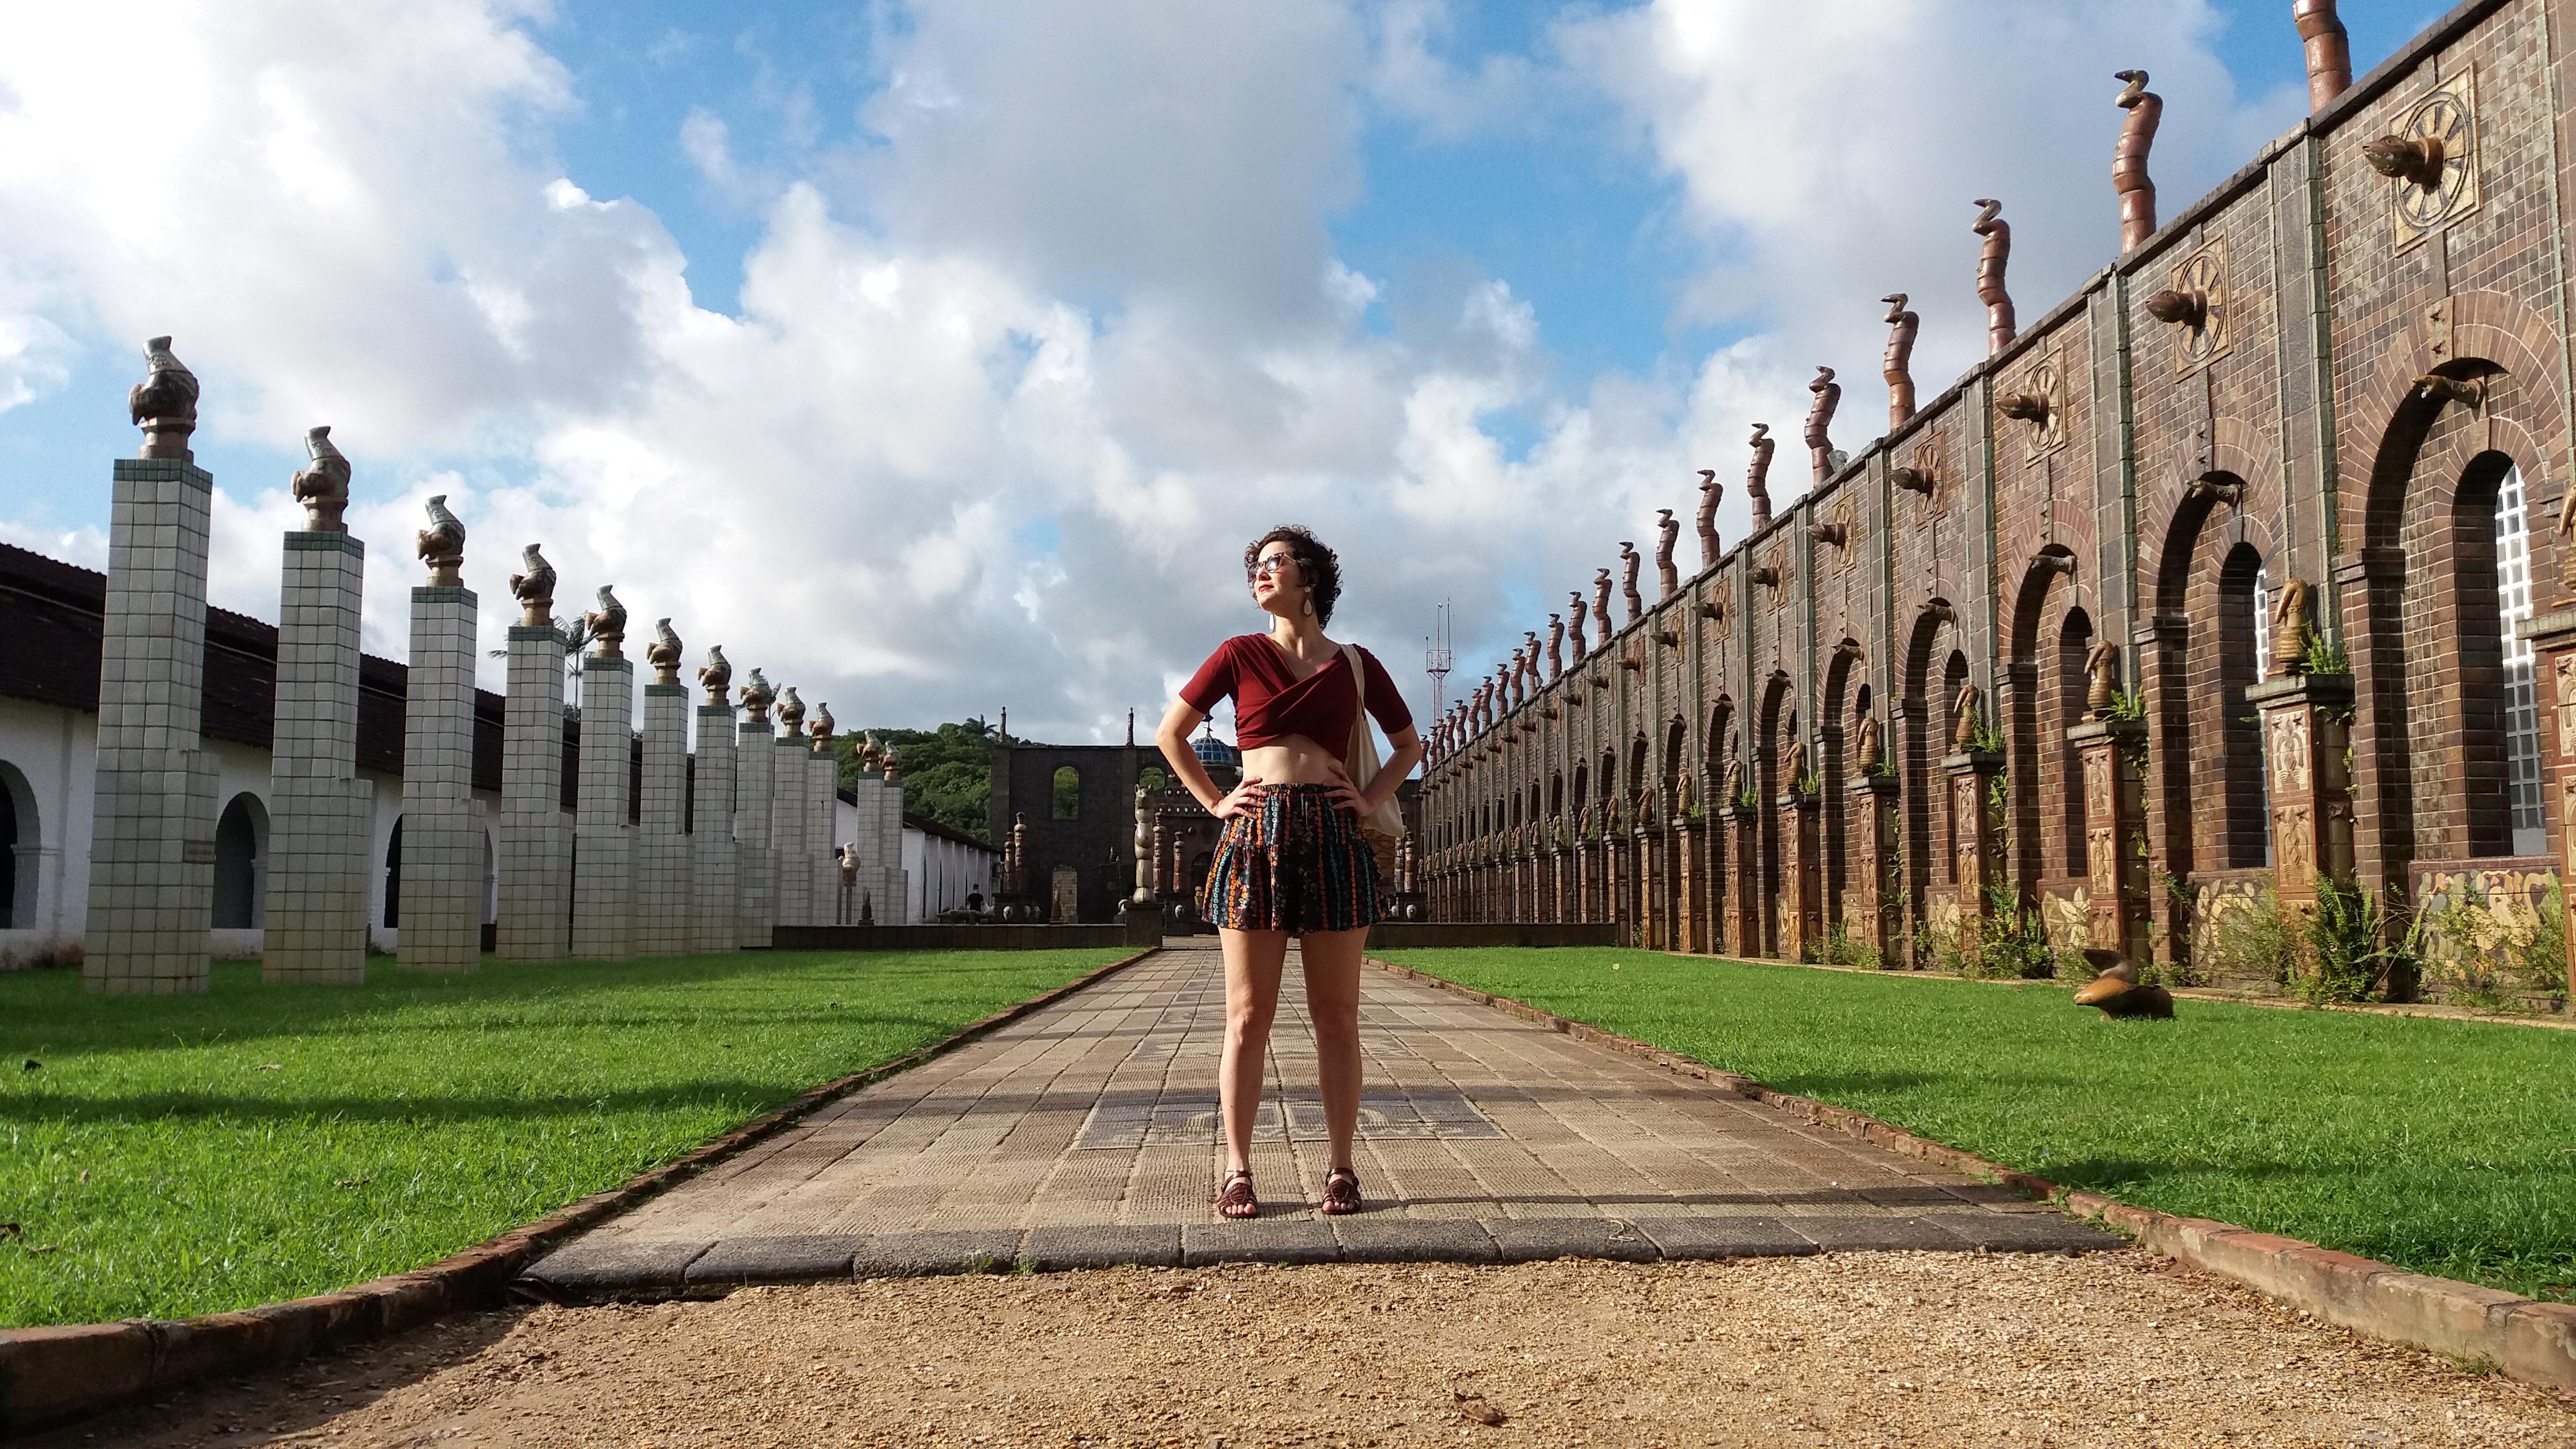 Oficina Francisco Brennand é um lugar incrível pra conhecer em Recife - passeios culturais